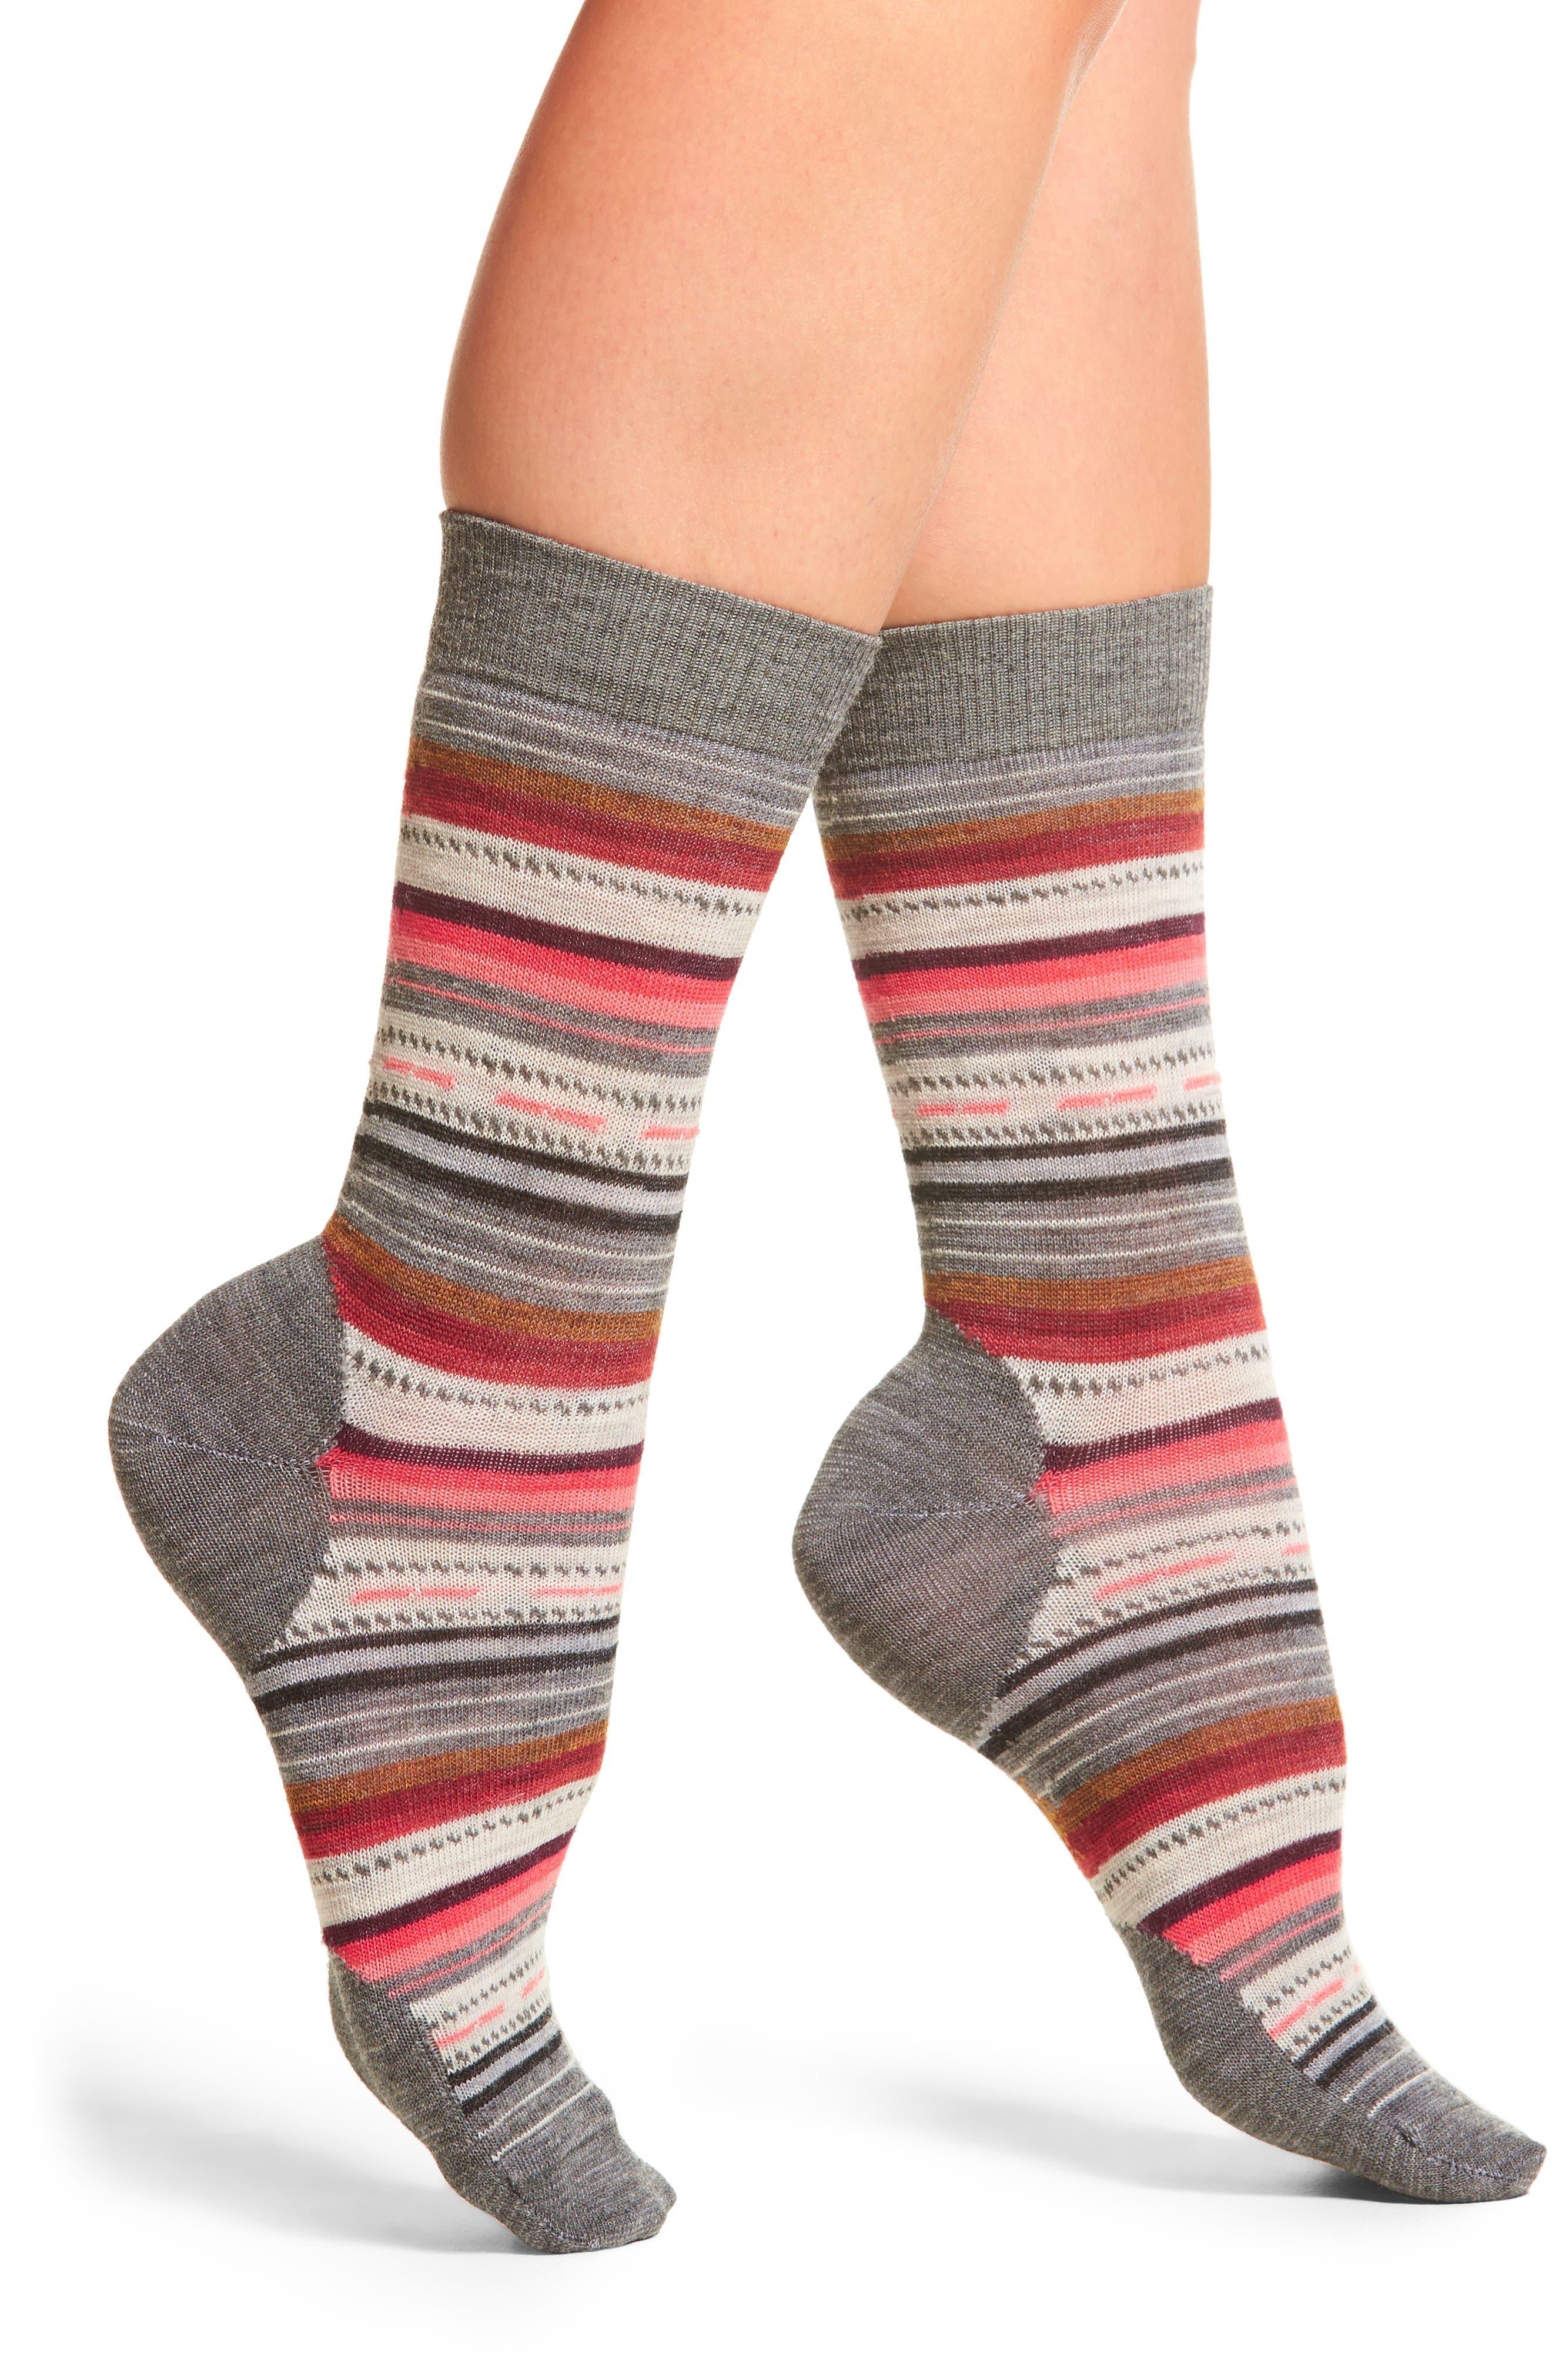 Alternate Image 1 Selected - Smartwool Margarita Crew Socks